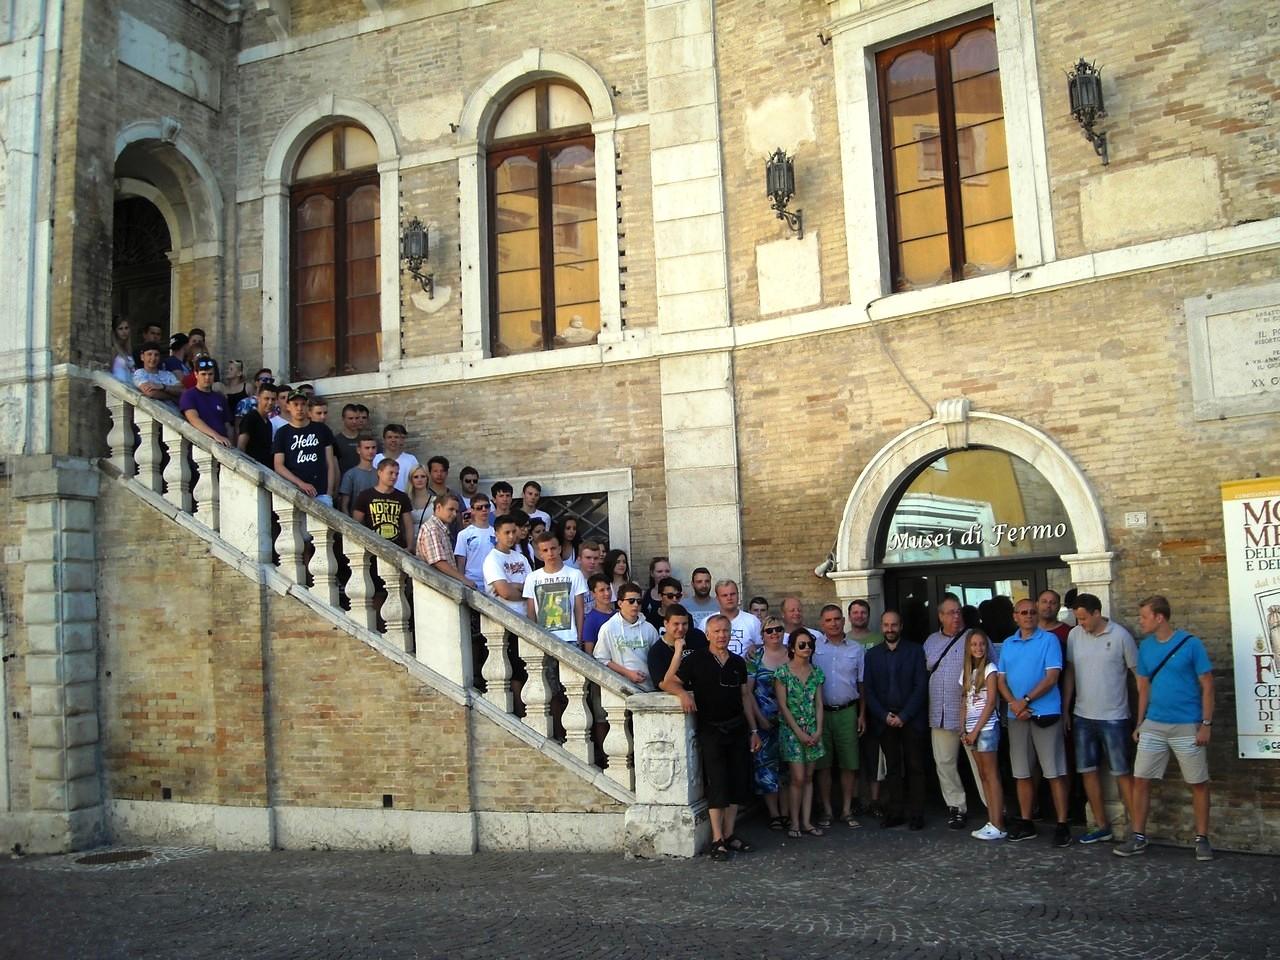 Gli studenti cechi sulla scalinata di Palazzo dei Priori